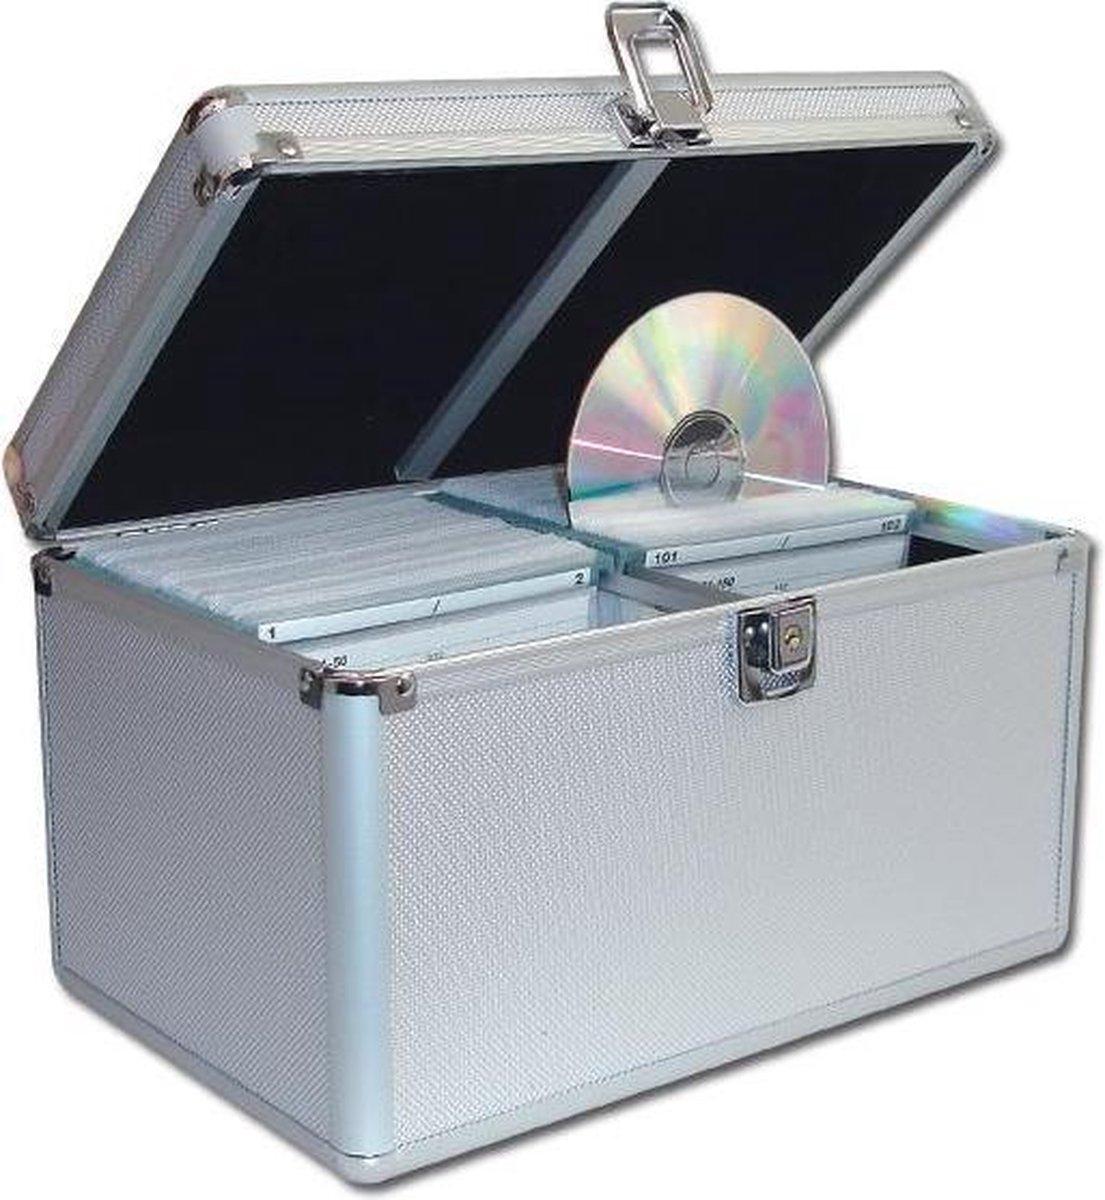 CD / DVD koffer, DJ Case voor het opbergen van 200 CDs, DVDs of Games, afsluitbaar. - VDD